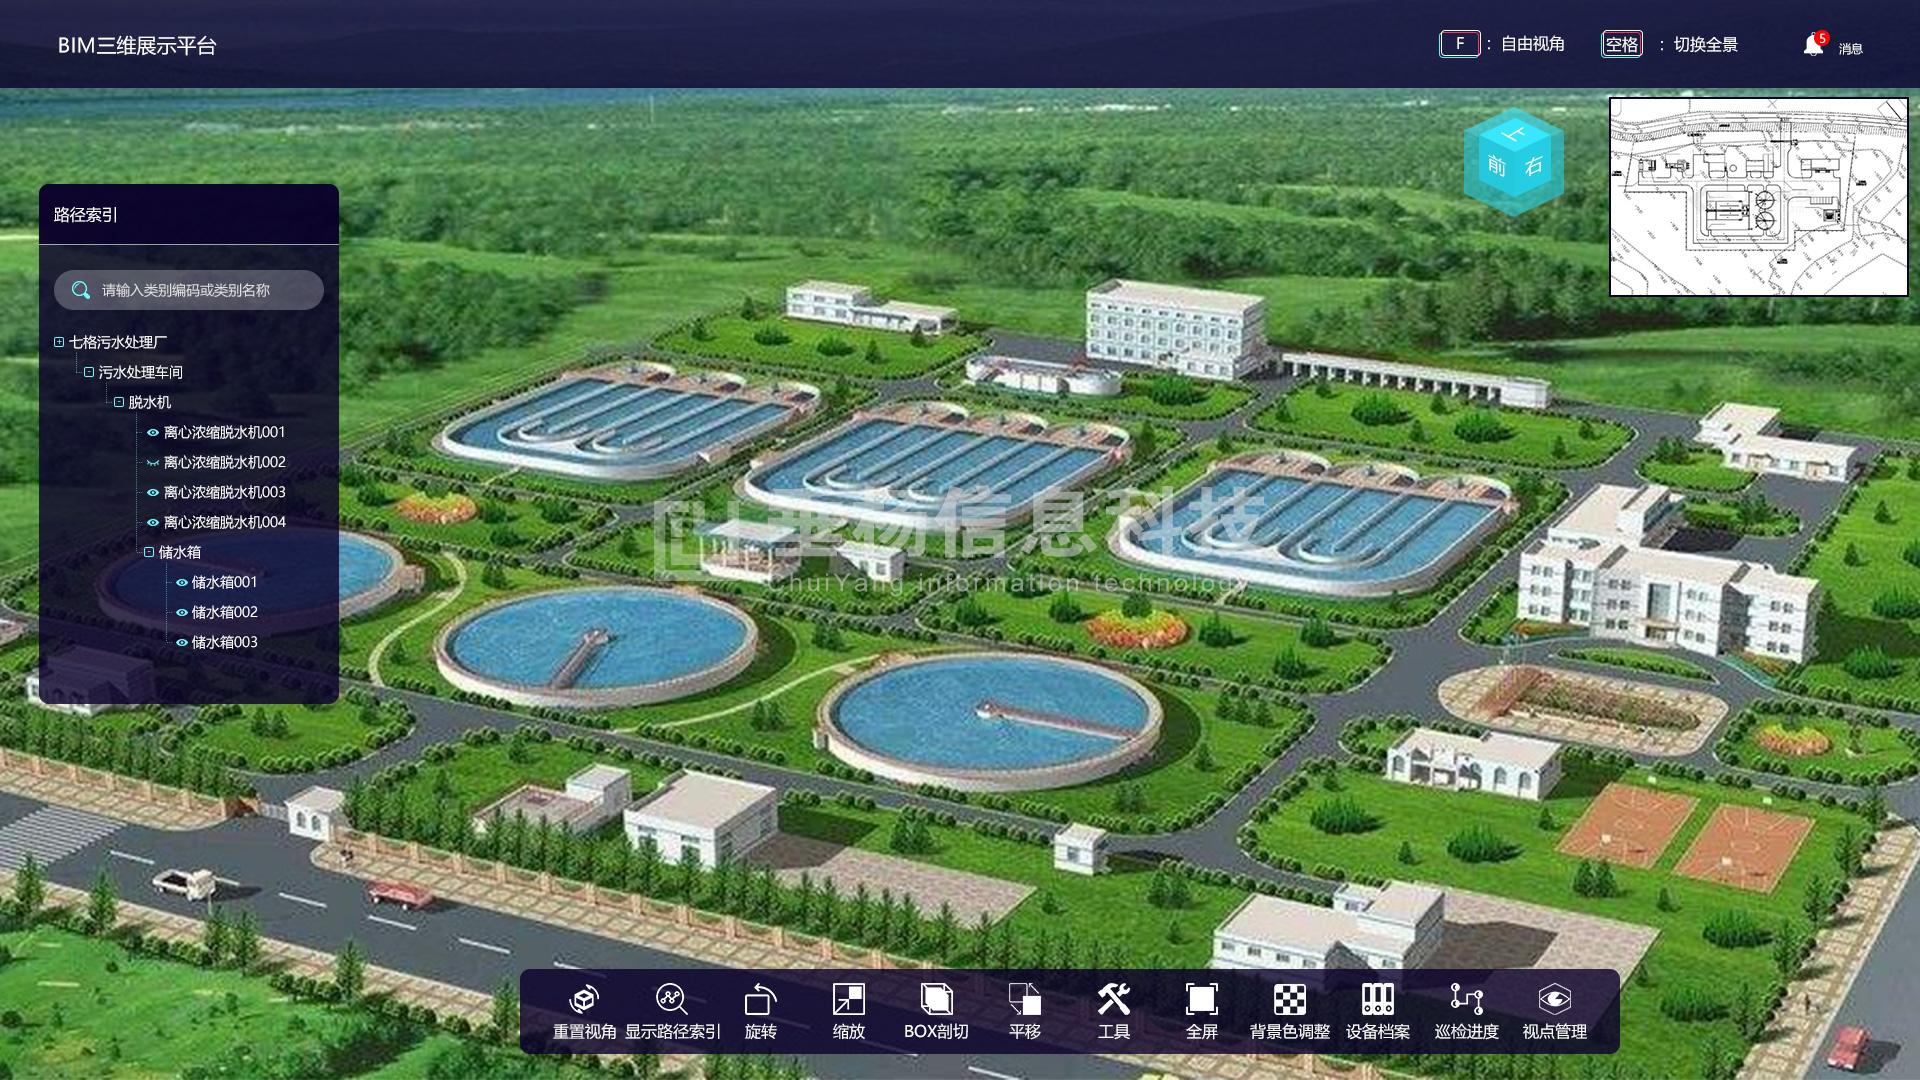 智慧工厂,BIM运维,智慧工厂解决方案,智慧工厂BIM运维